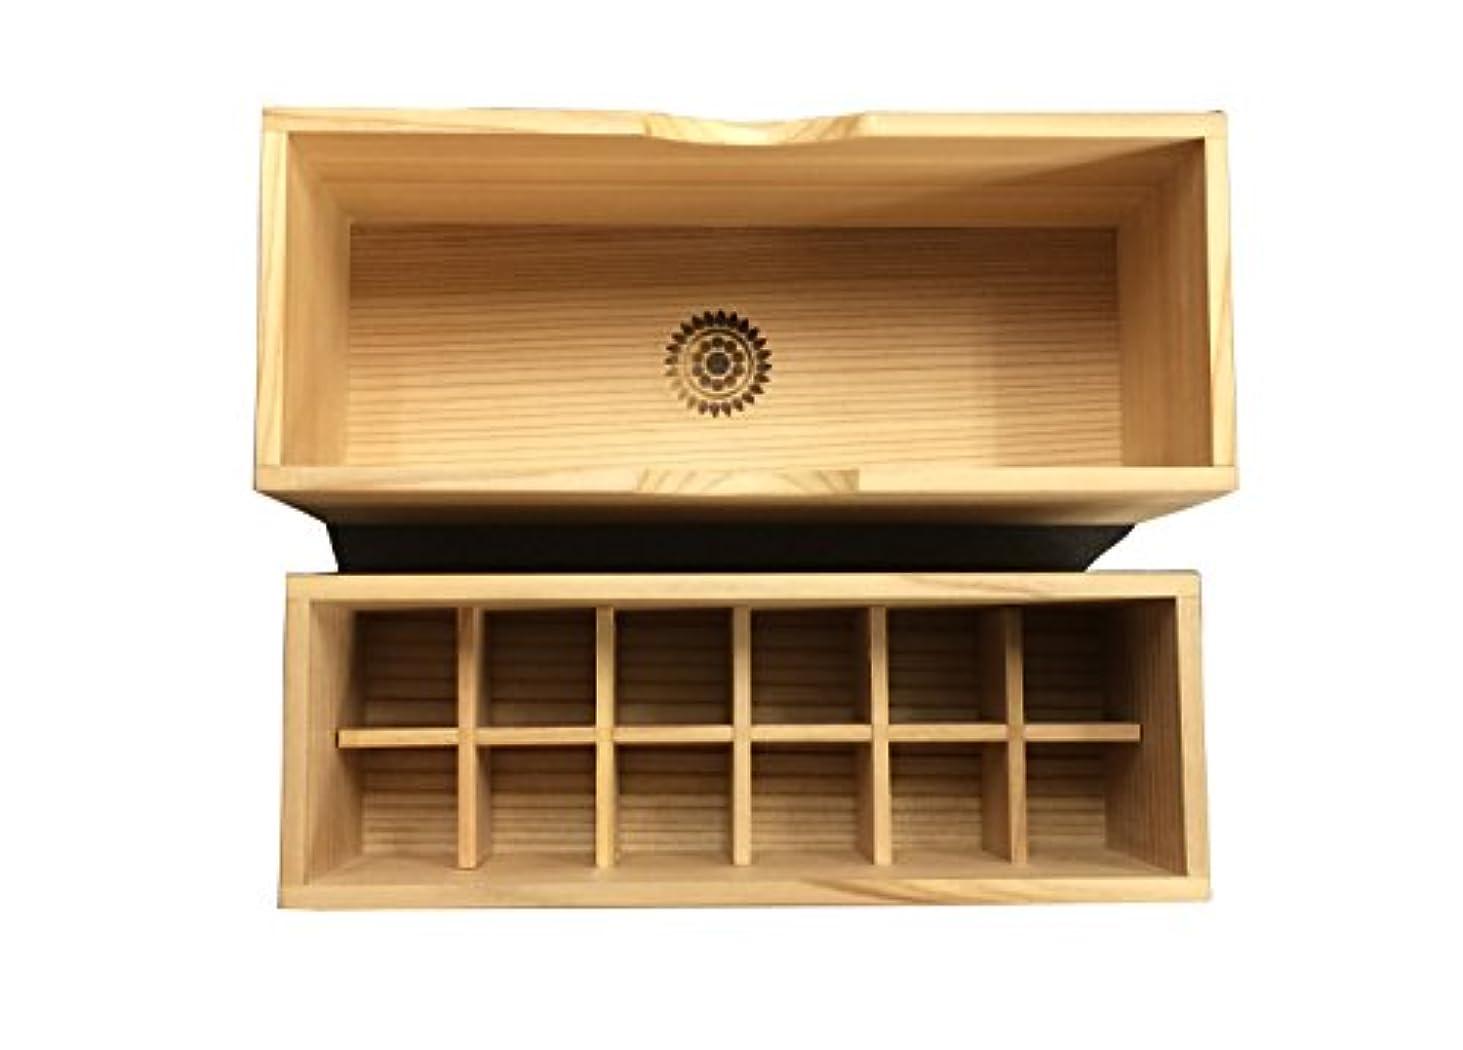 囲い買収頭ICA国際クレイセラピー協会【秋田杉の香油箱(12個タイプ)】